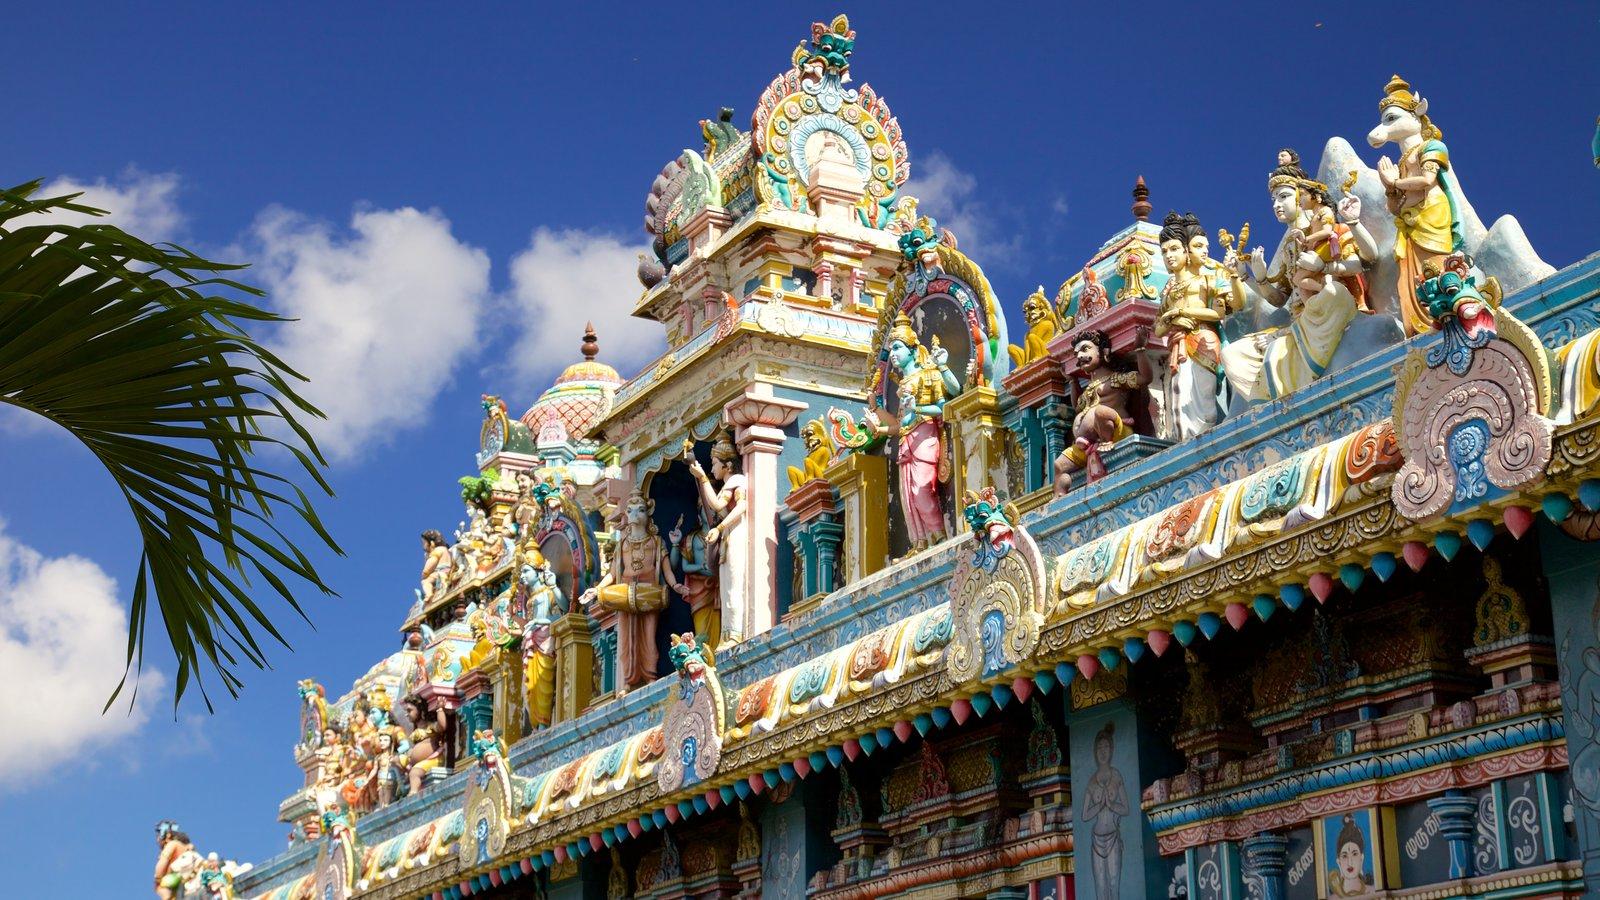 Grand Bay que inclui elementos religiosos e um templo ou local de adoração